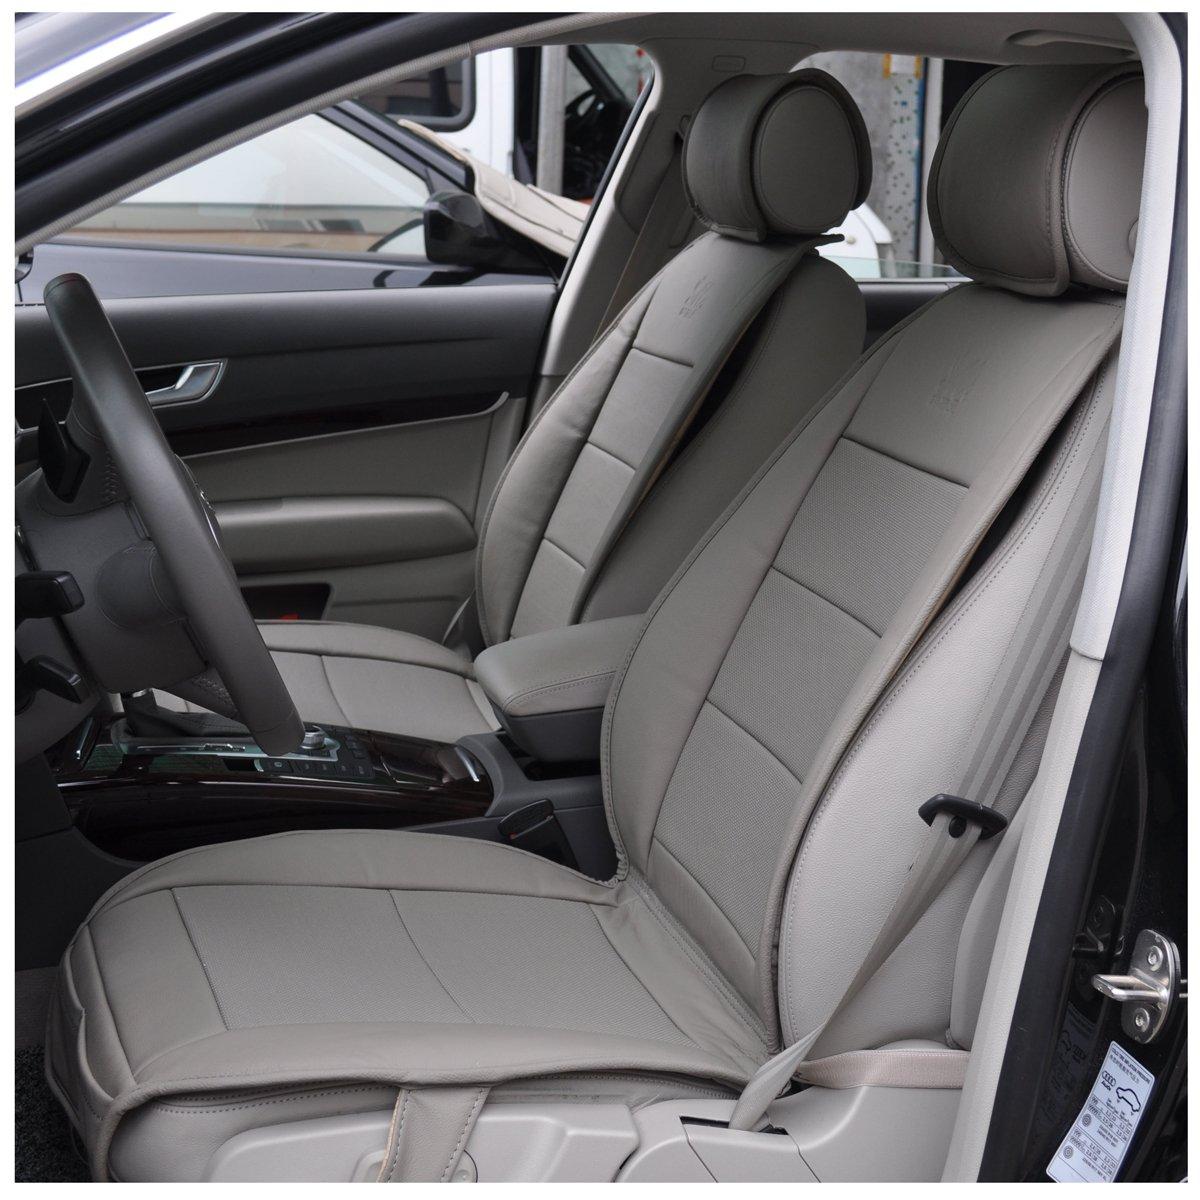 坐垫 高品质新款专车专用真皮汽车保护垫 灰色 福特蒙迪欧致胜专用